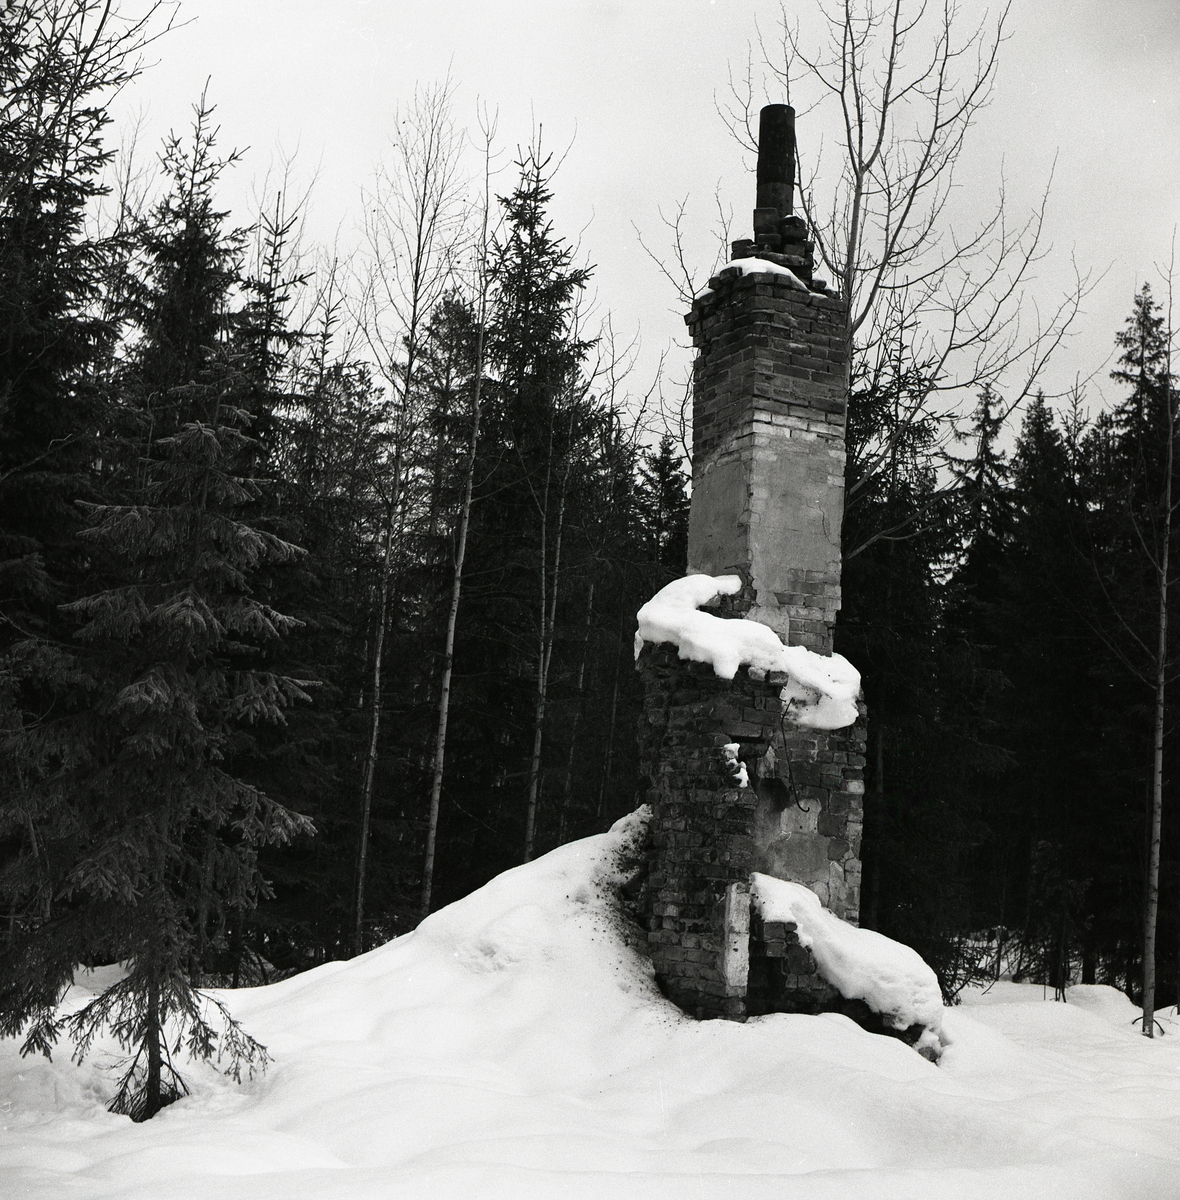 En ruin bestående av grundstenar och murstock efter hyttkvarn i skogen, 3 januari 1960.